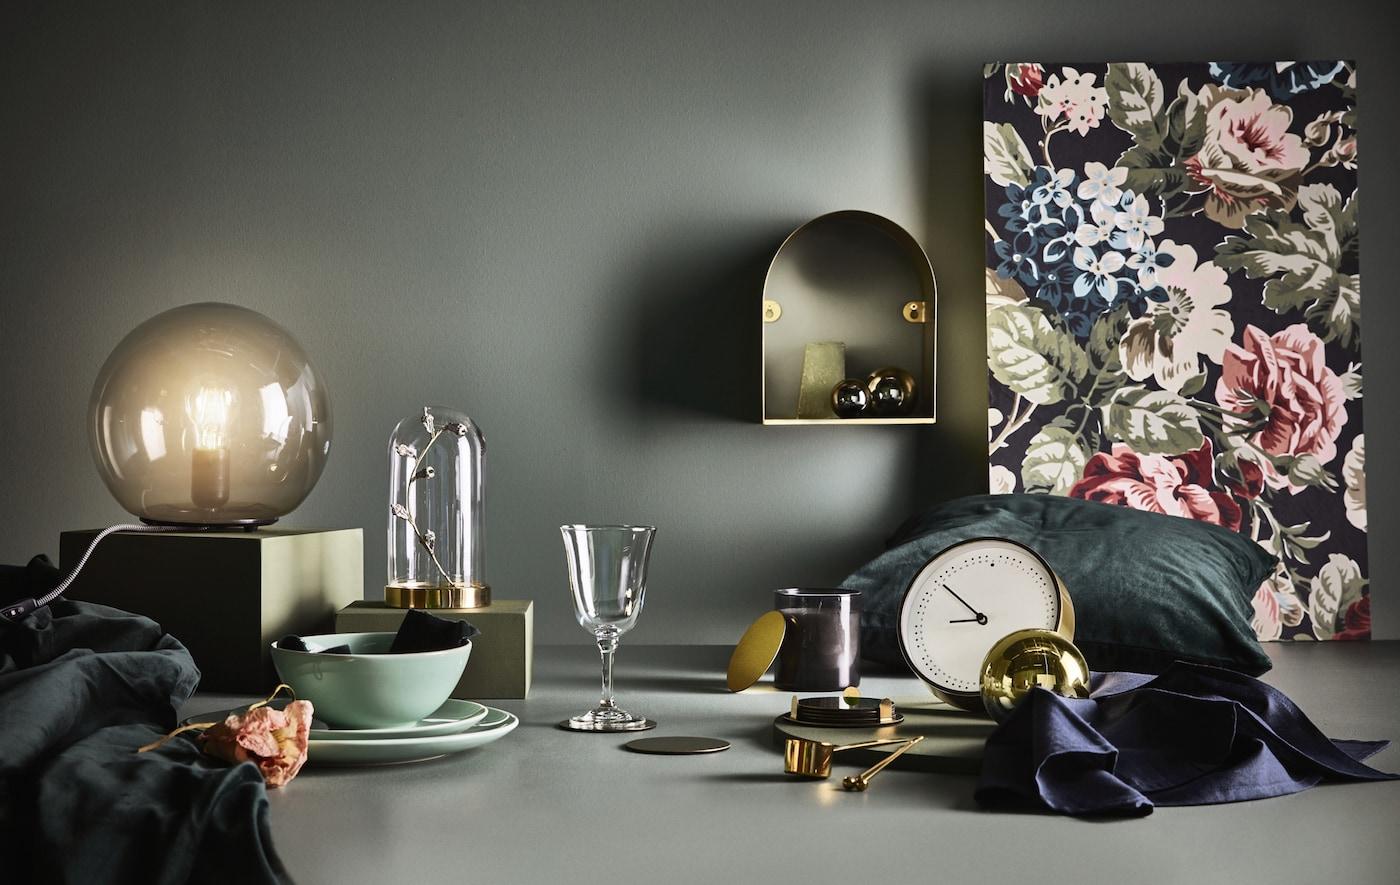 Verschiedene Gegenstände vor einem dunklen Hintergrund, u.a. eine Uhr, Tischleuchte & Glasglocke.